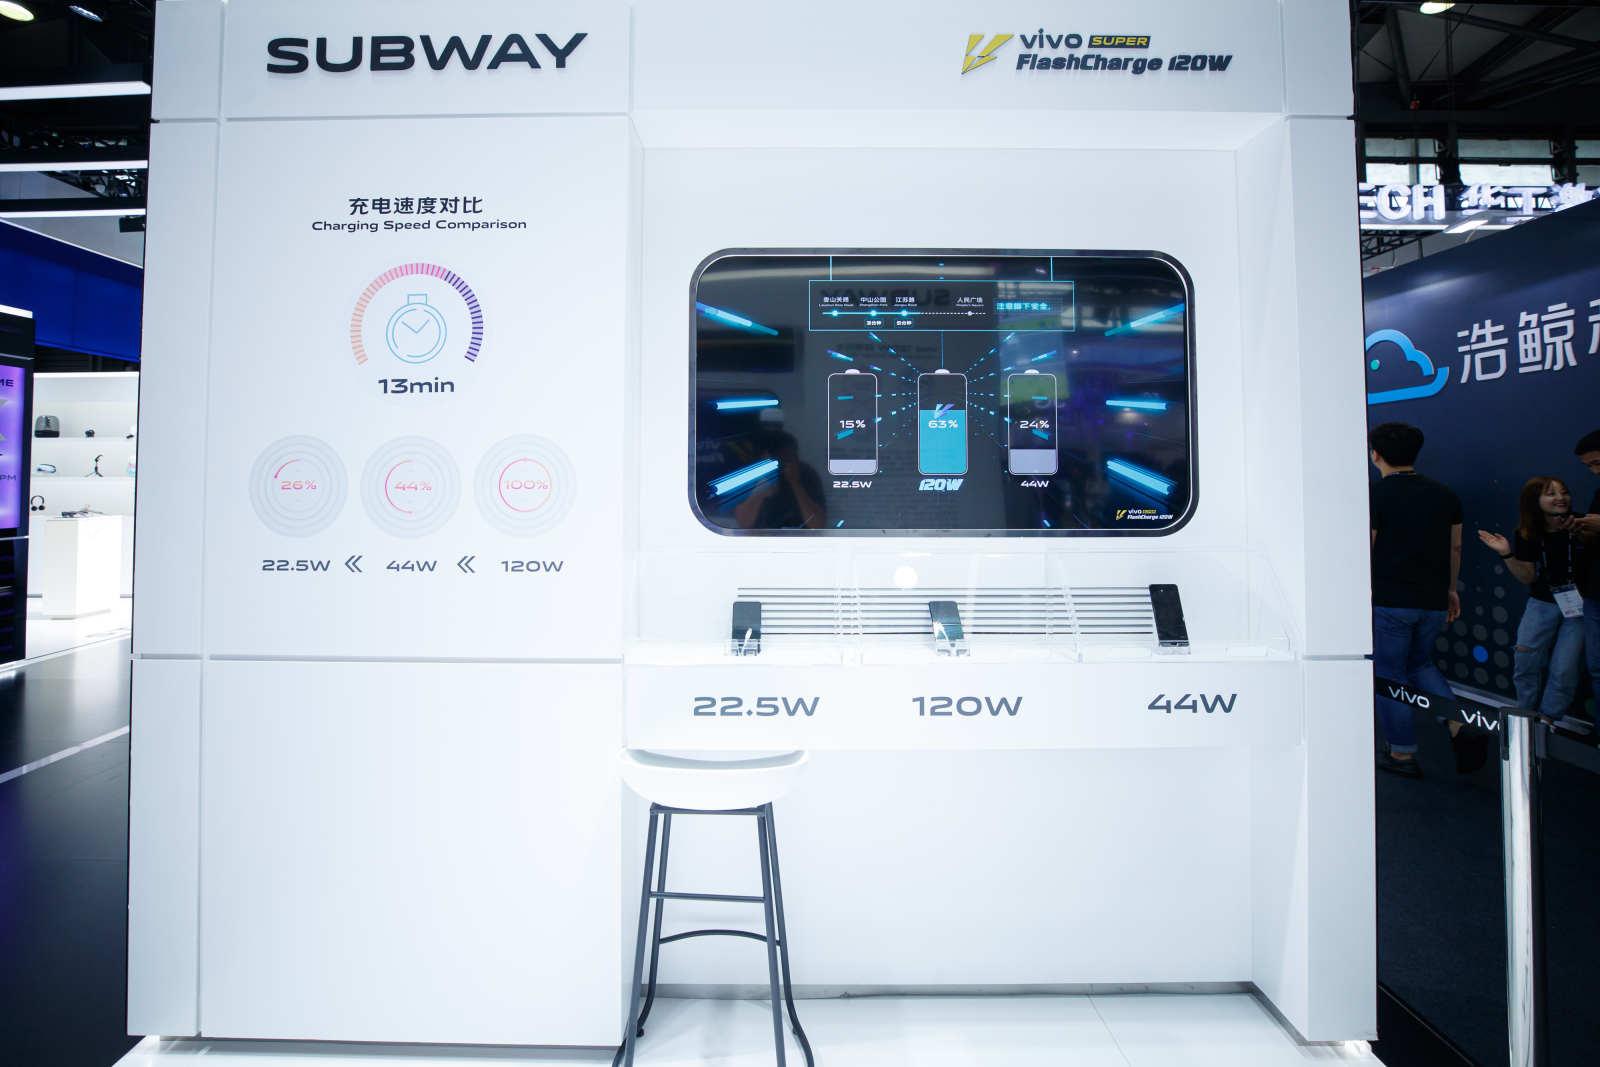 Vivo trình làng nhiều công nghệ mới tại MWC Thượng Hải 2019